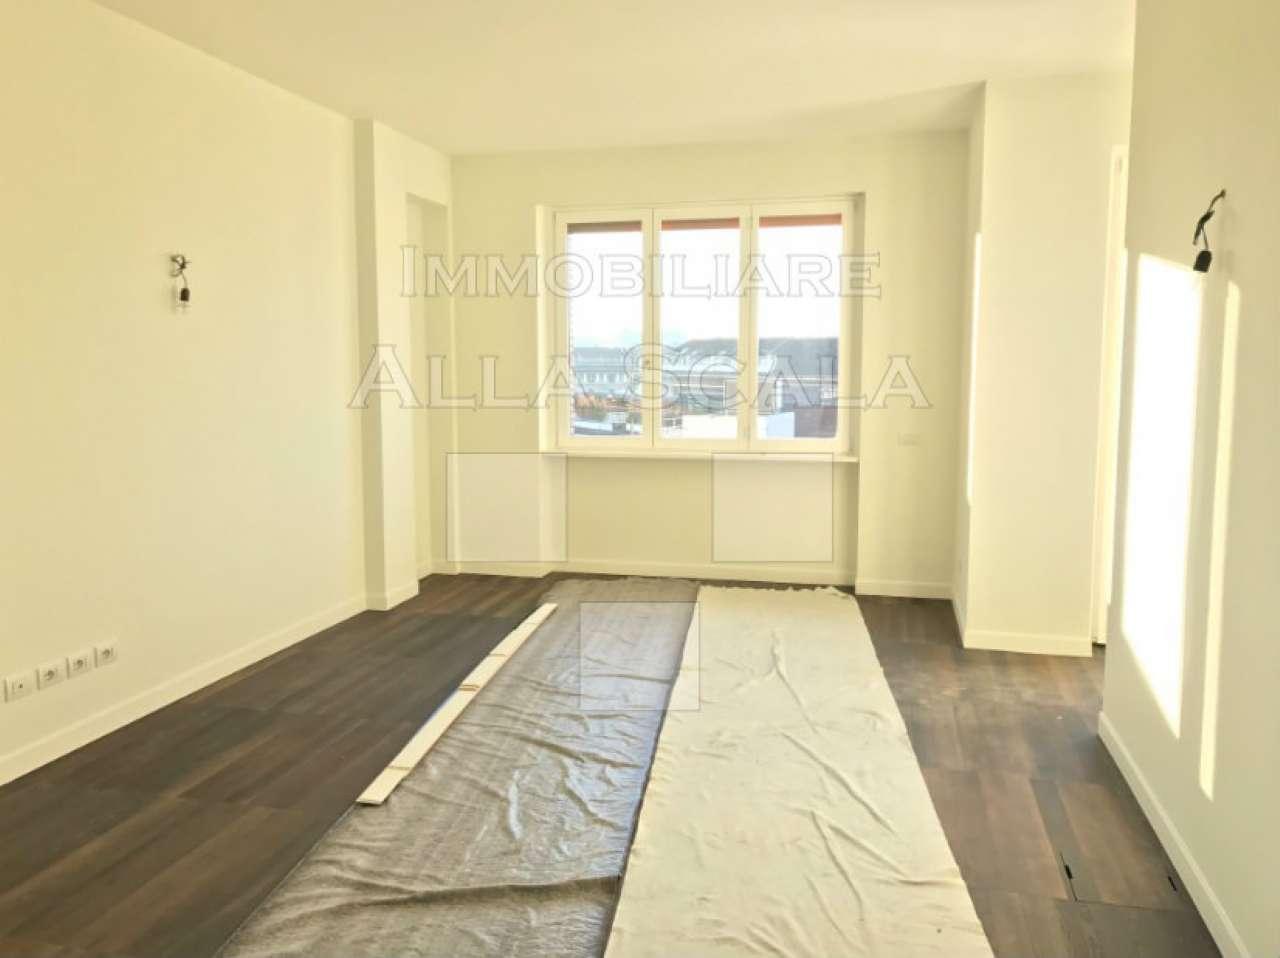 Appartamento in affitto a Milano, 4 locali, zona Zona: 1 . Centro Storico, Duomo, Brera, Cadorna, Cattolica, prezzo € 2.500 | Cambio Casa.it